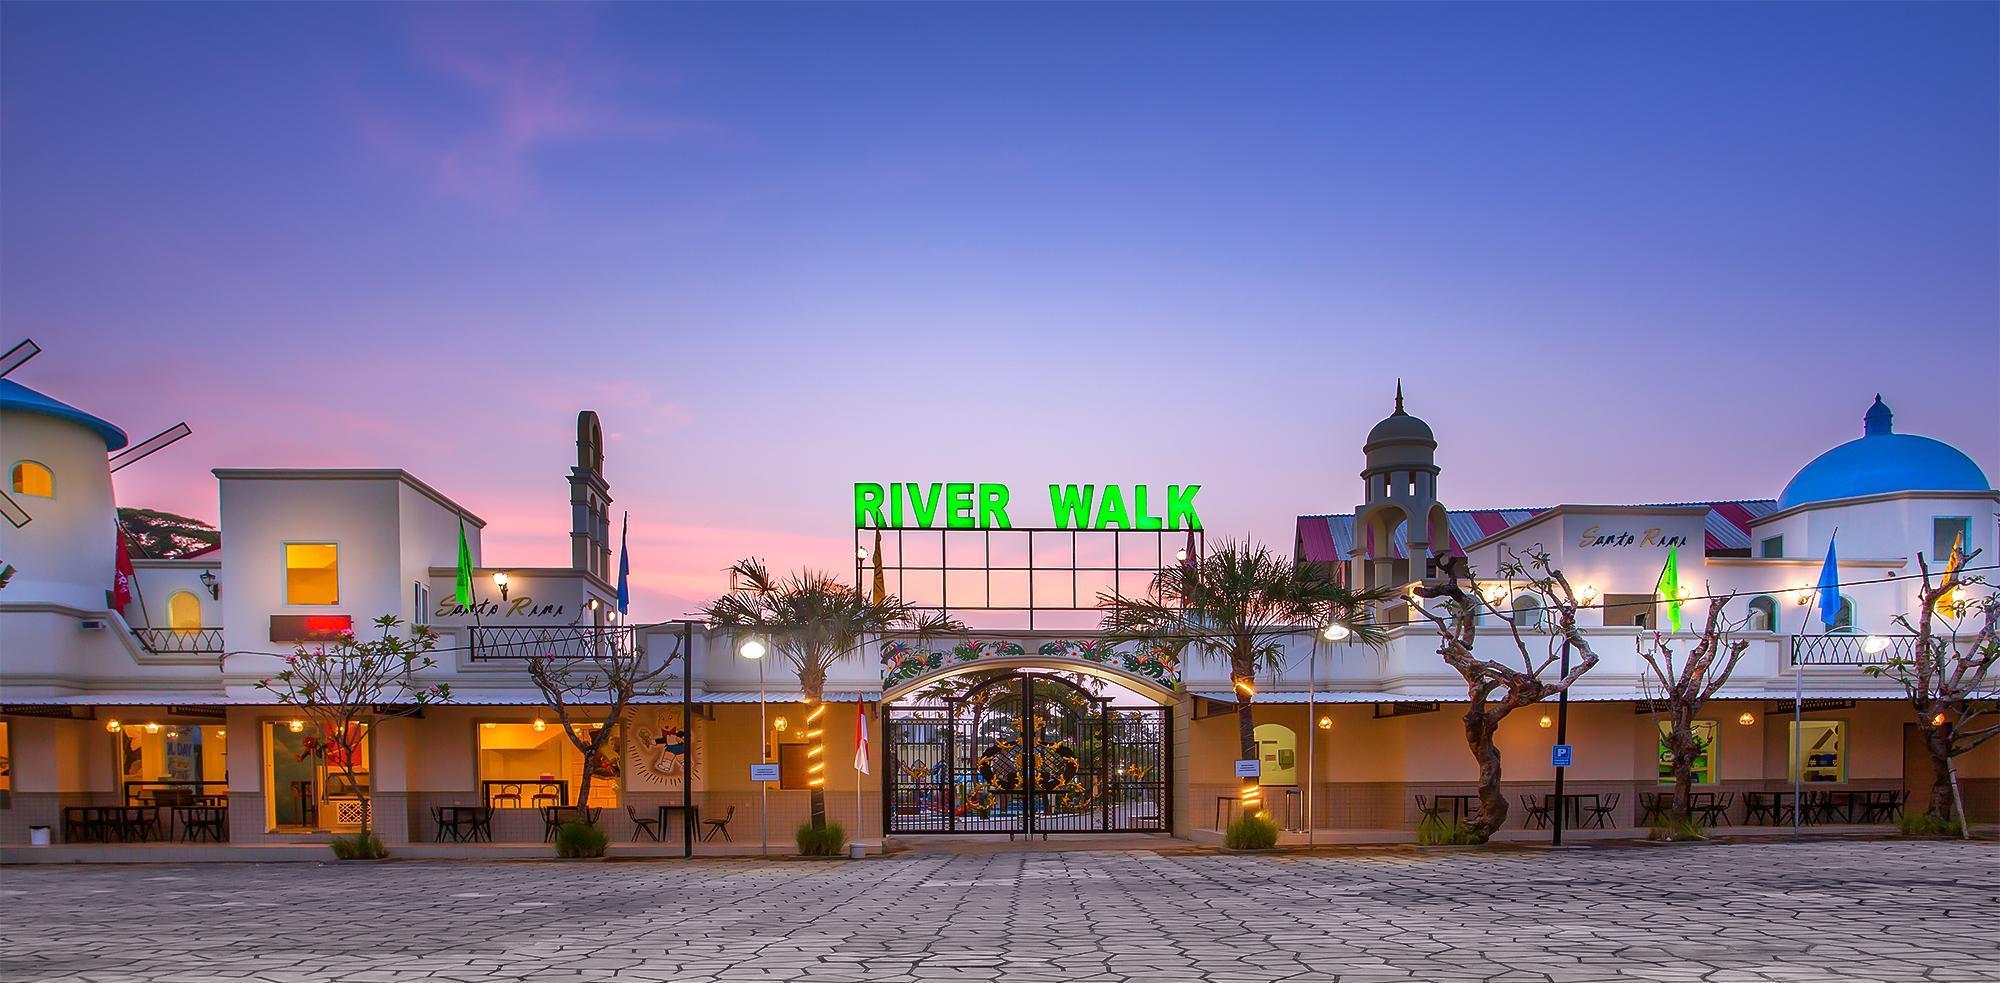 River Walk Boja  BSB City  Urban Camp